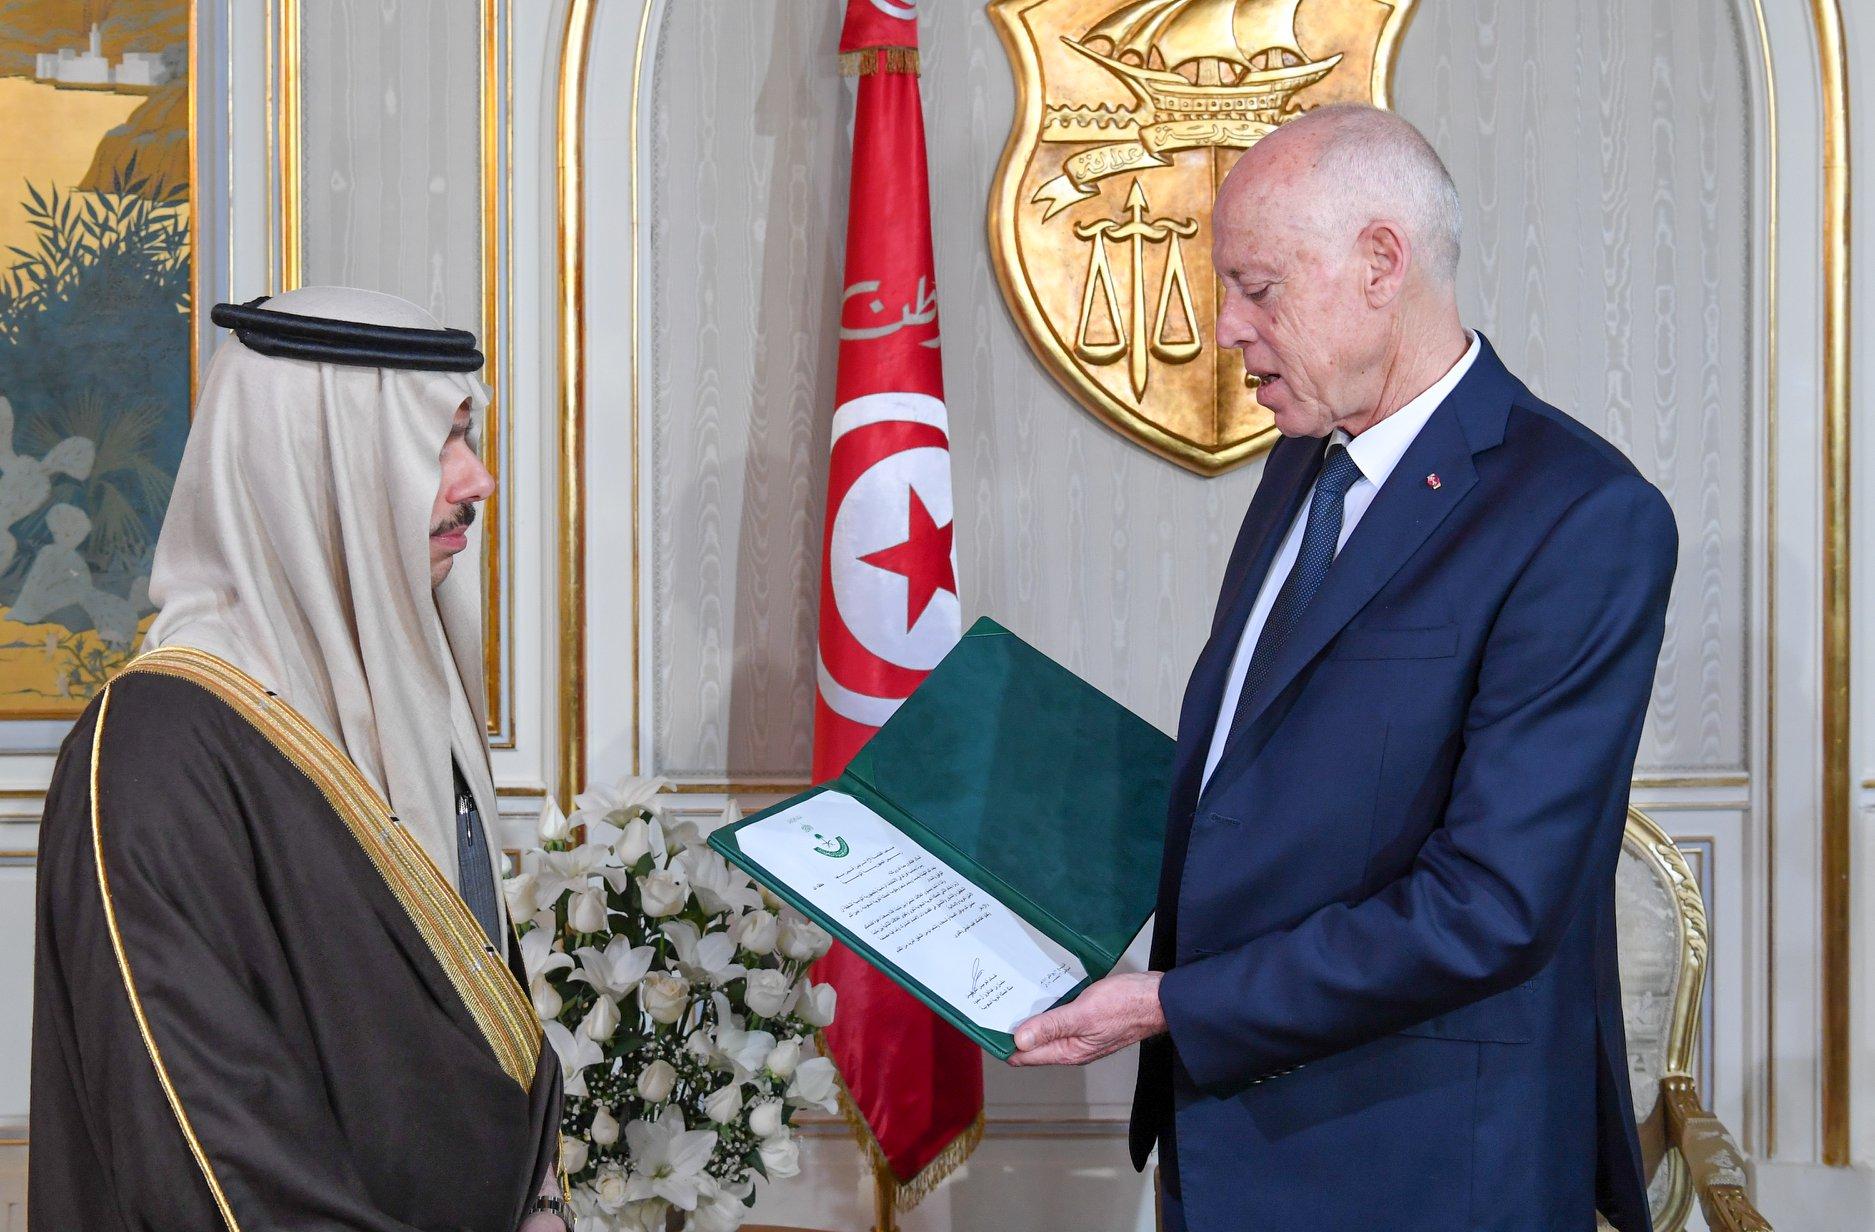 Tunisie- Kais Saied invité à visiter l'Arabie Saoudite